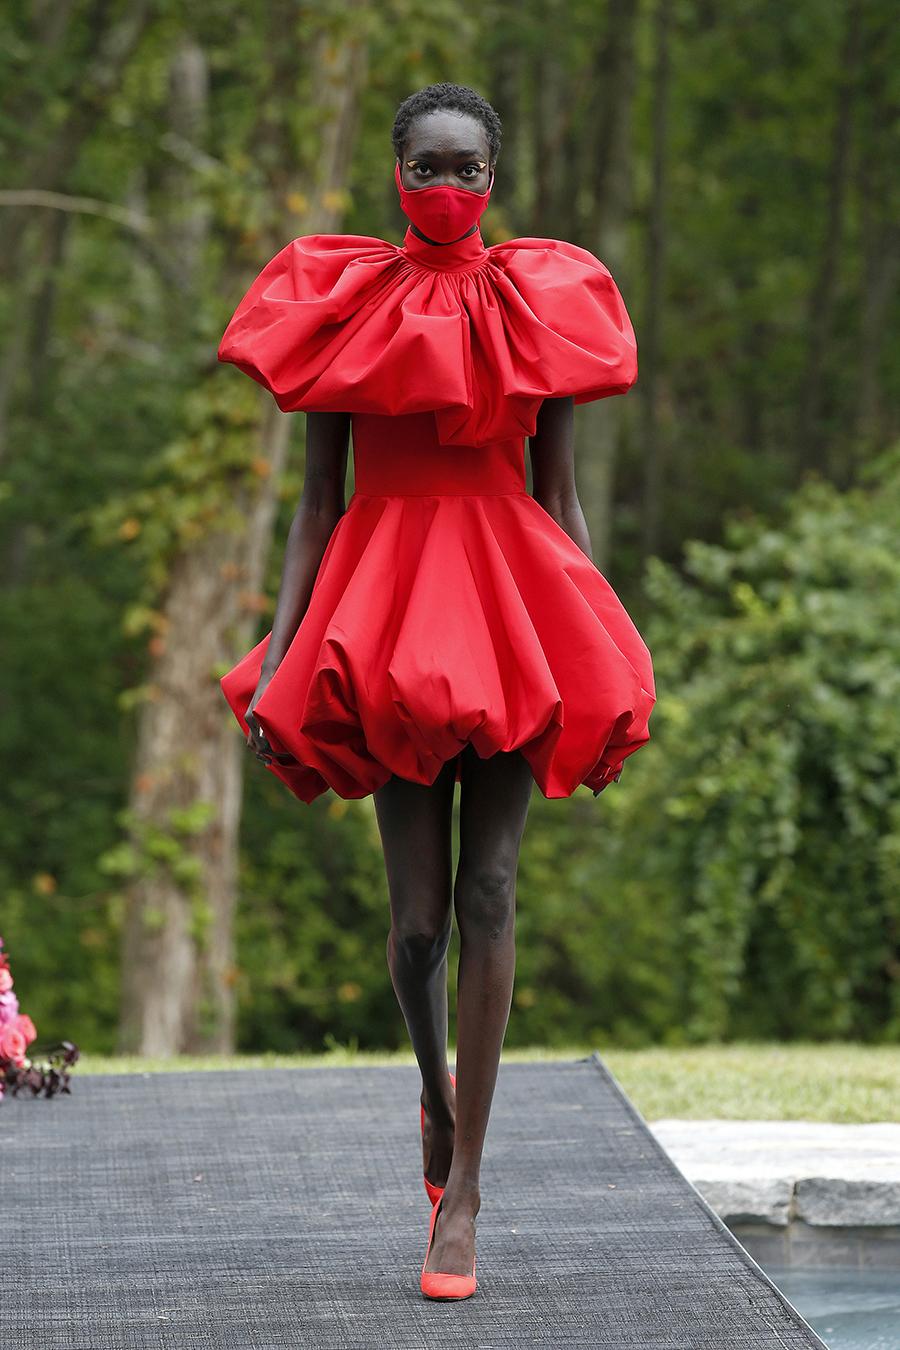 мини-платье модное лето 2021 короткое пышная юбка яркое красное